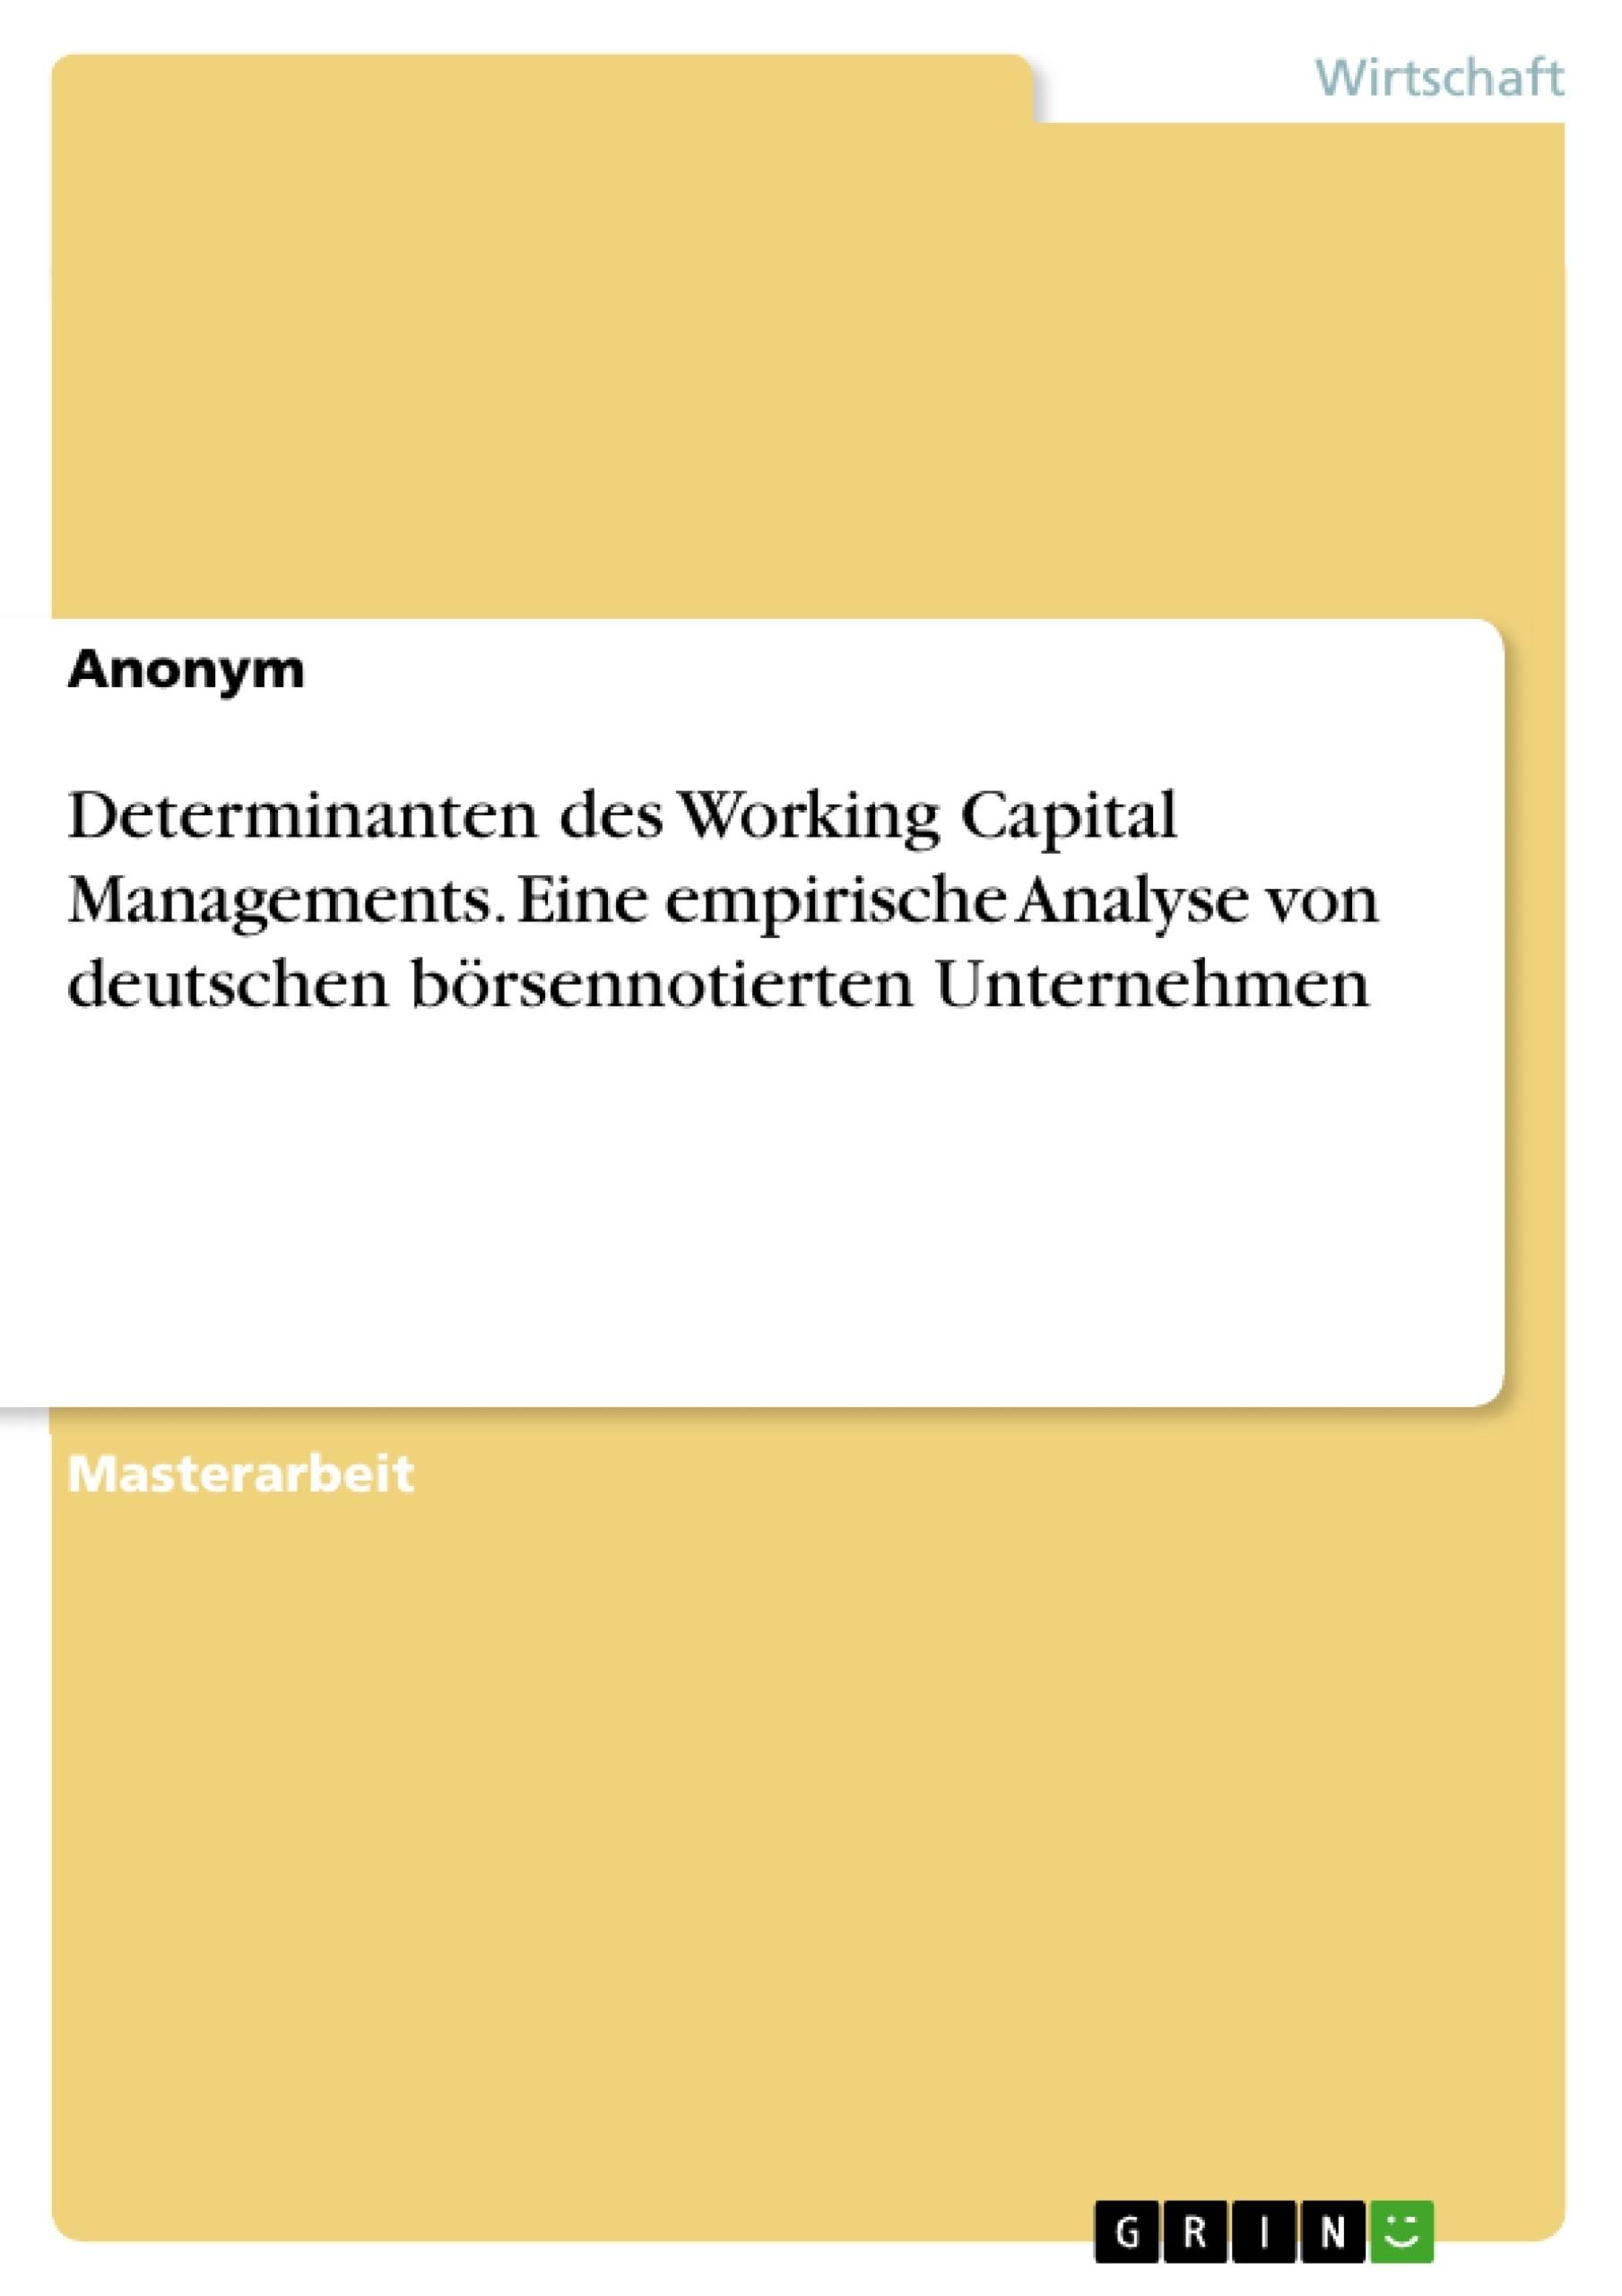 Titel: Determinanten des Working Capital Managements. Eine empirische Analyse von deutschen börsennotierten Unternehmen